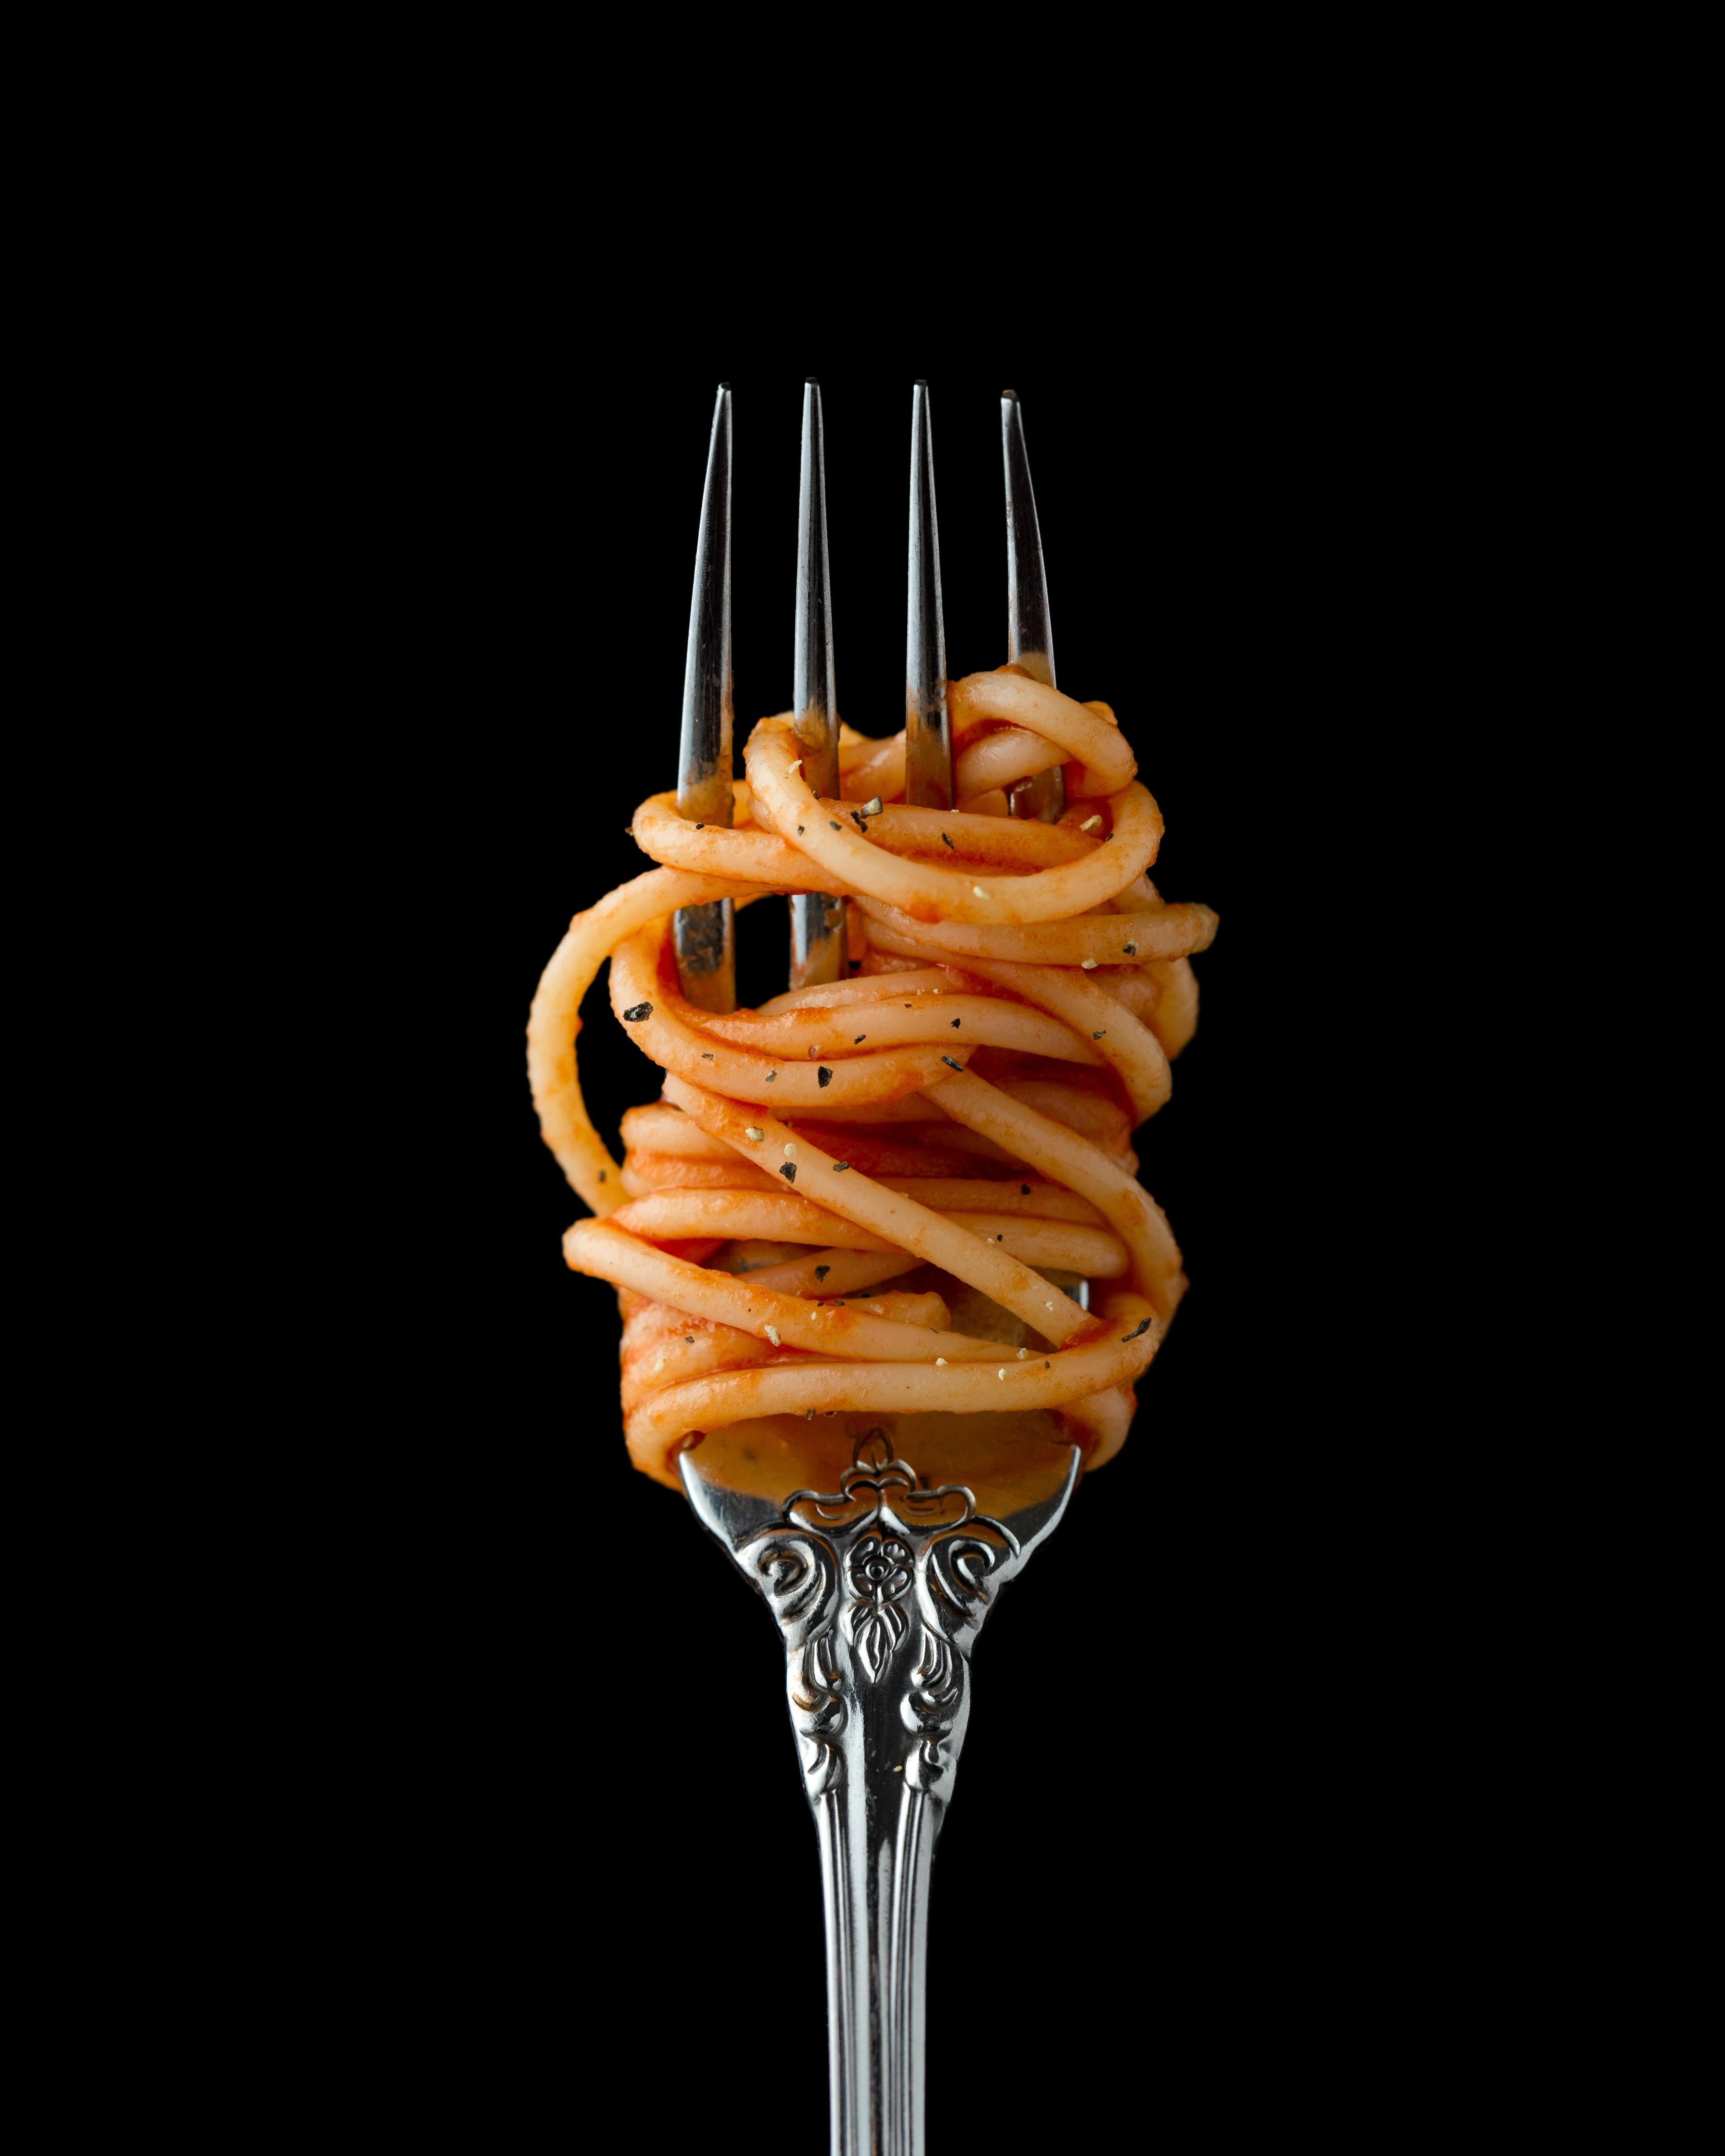 Sugo all'aglione - česnek v hlavní roli